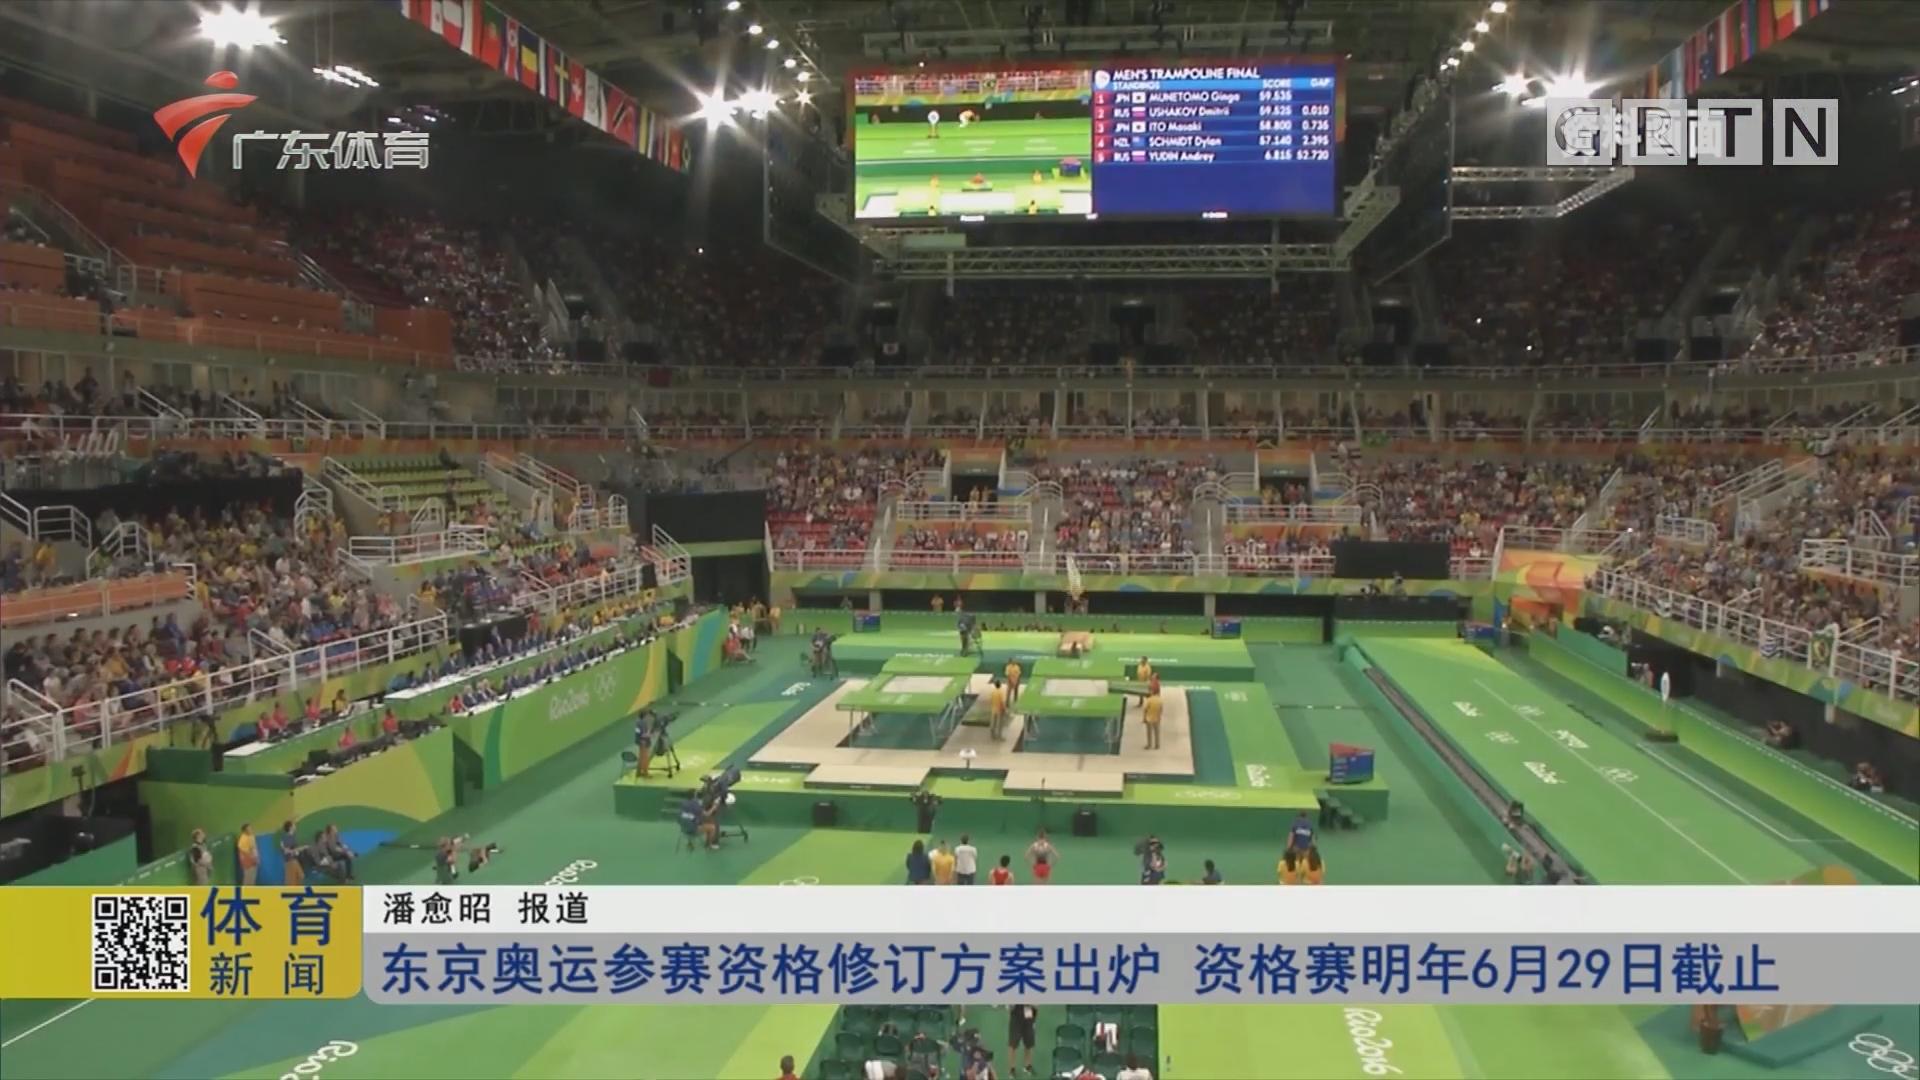 东京奥运参赛资格修订方案出炉 资格赛明年6月29日截止